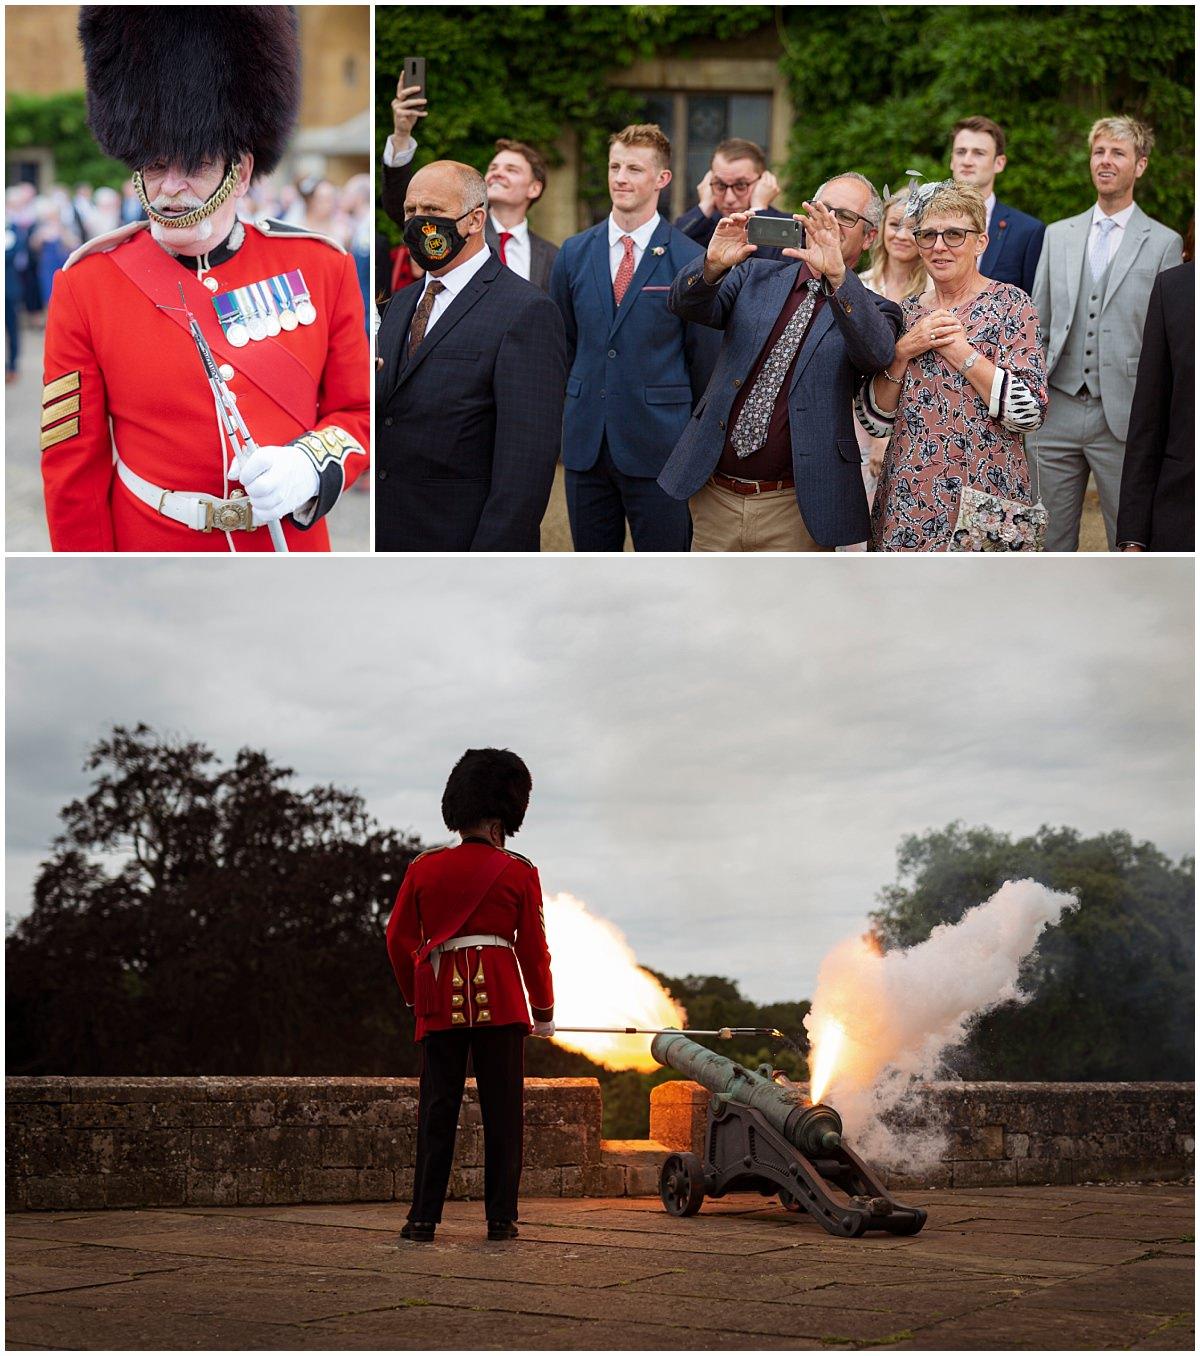 Belvoir Castle Wedding - firing the canons